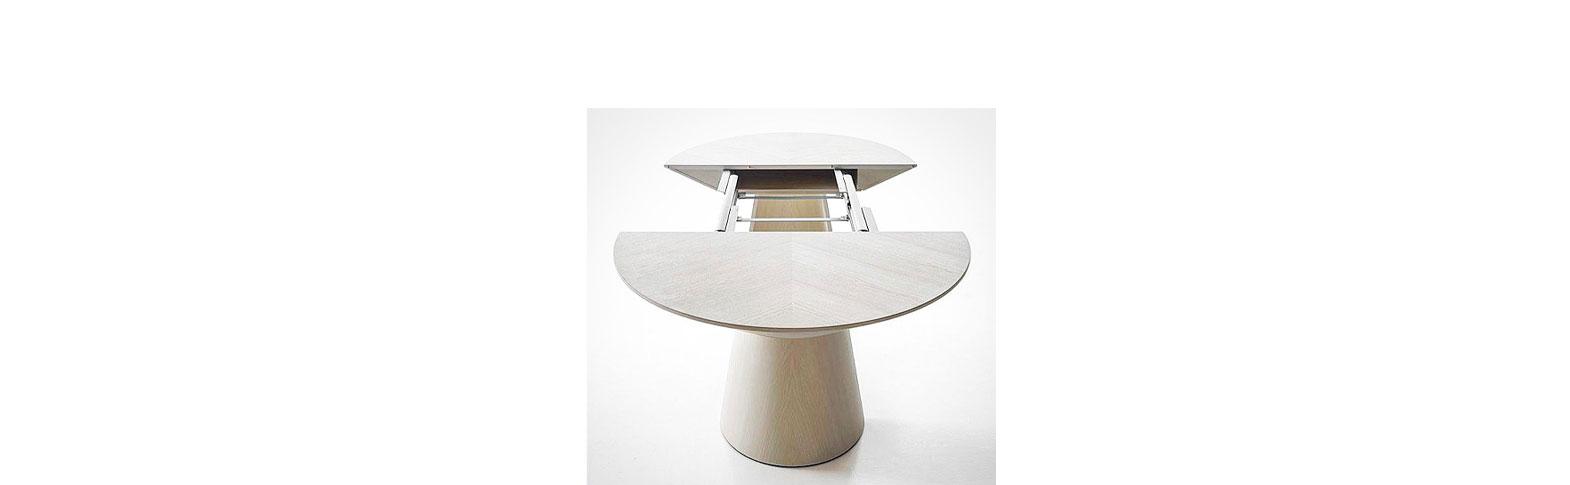 שולחן-נפתח-3